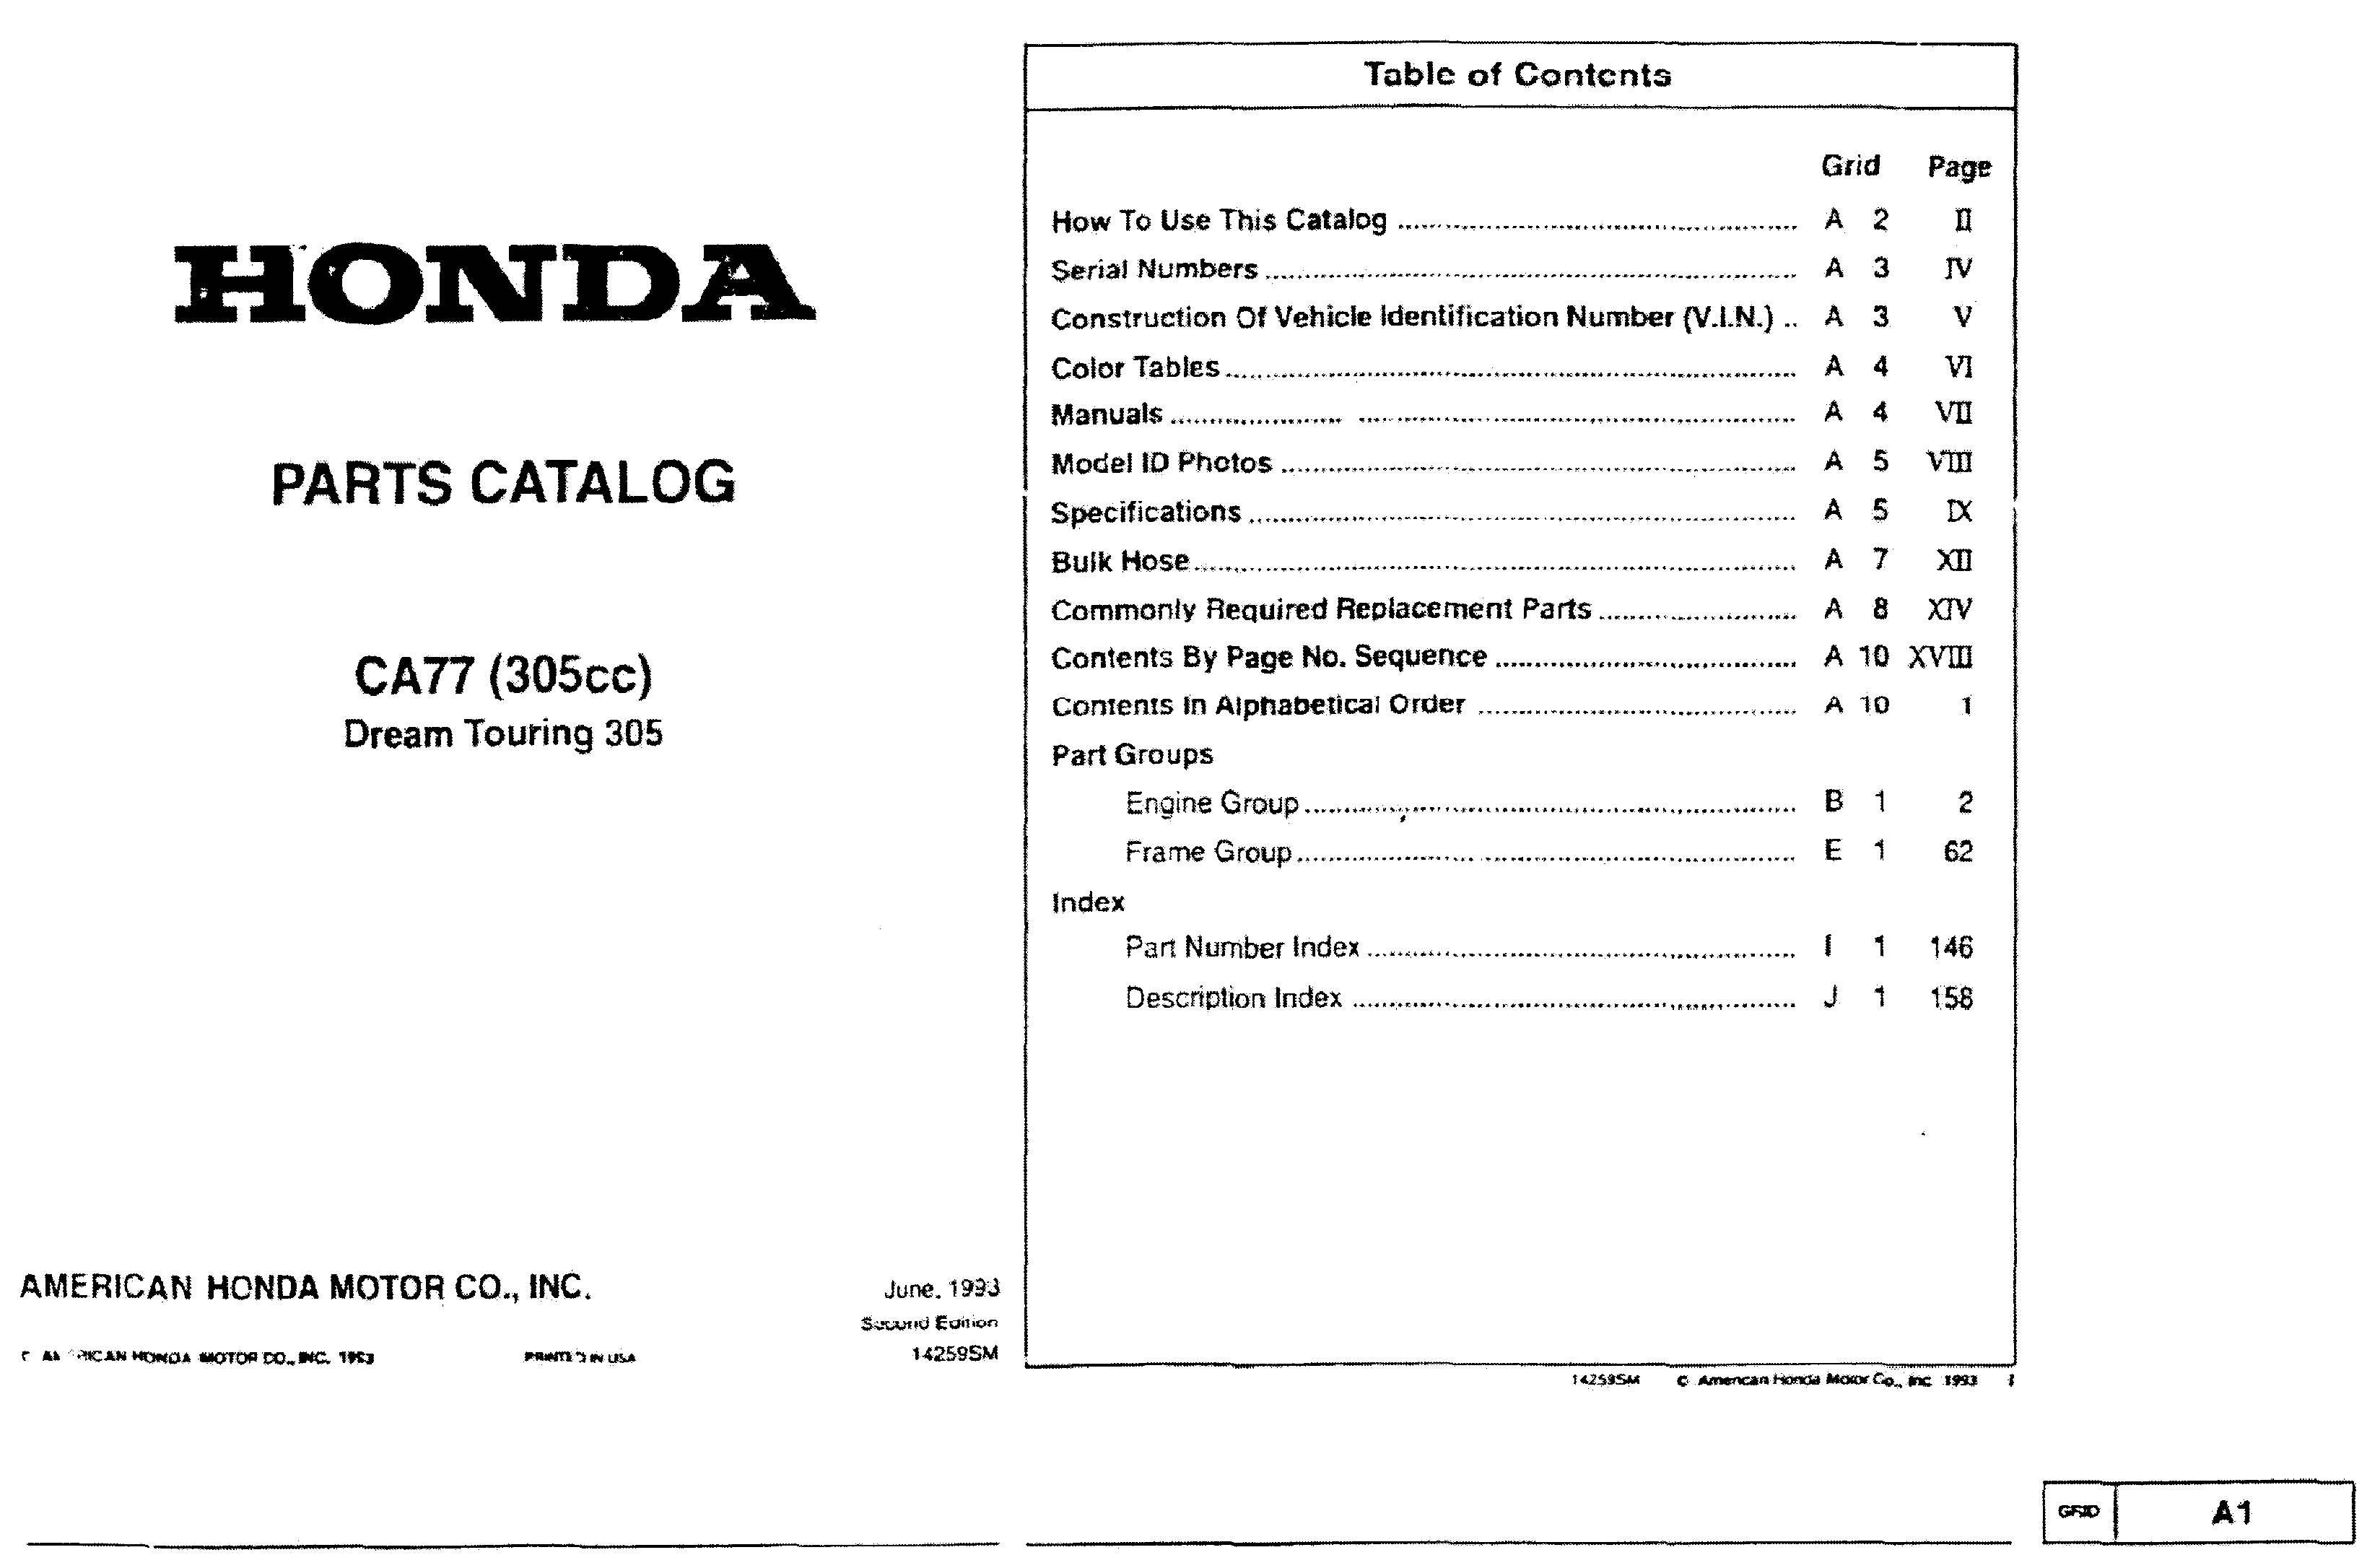 Parts List for Honda CA77